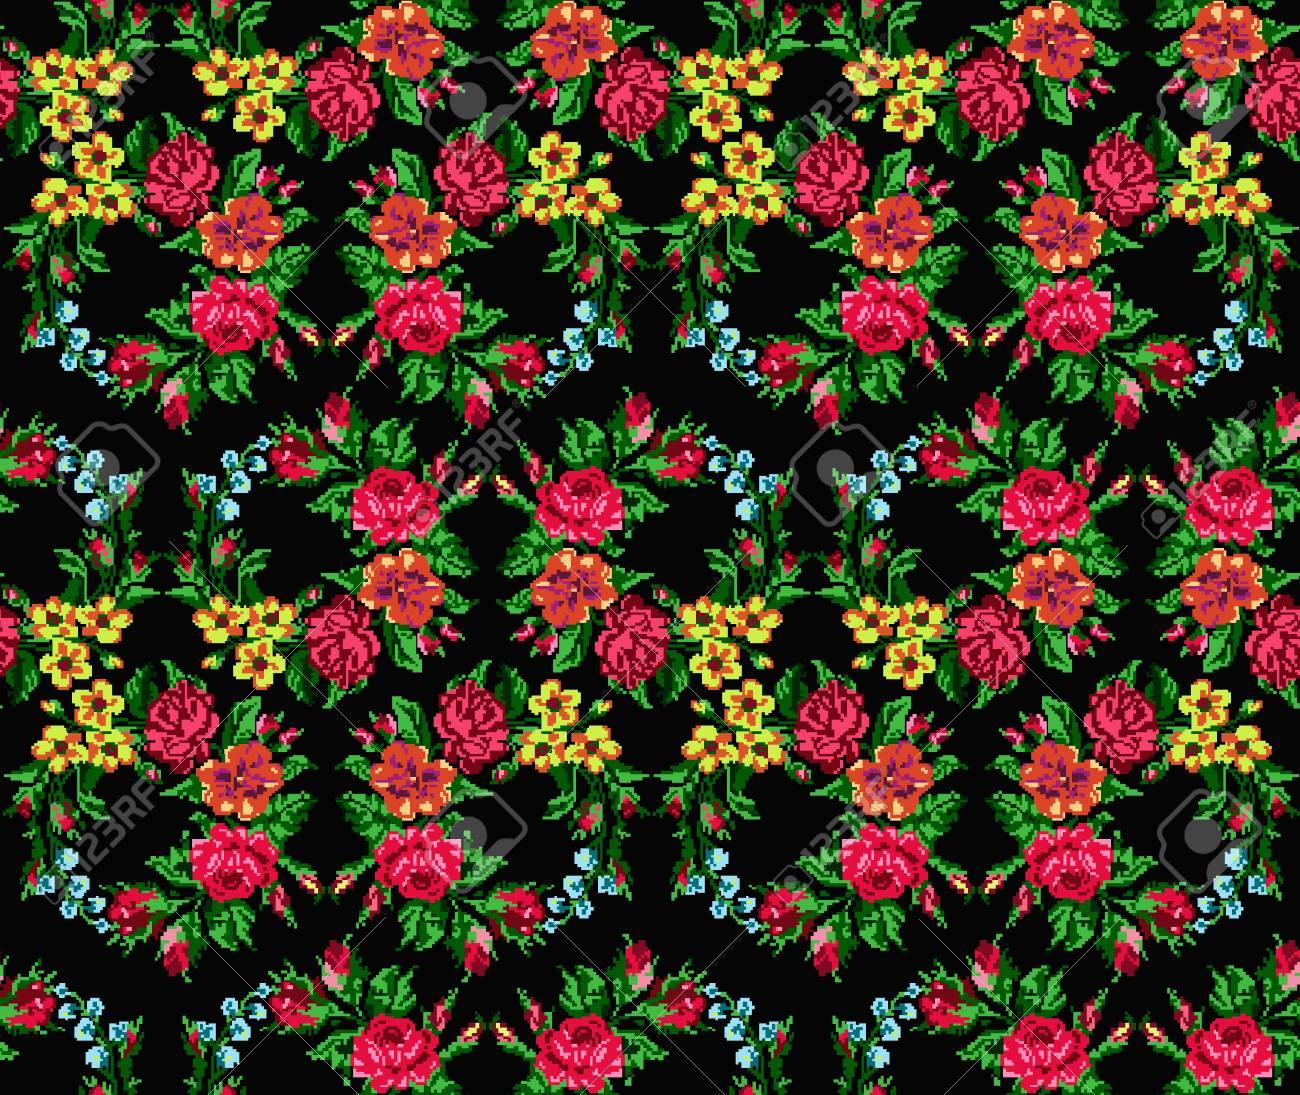 Fonds D écran Ou Textile Bouquet De Cercle De Couleur De Fleurs